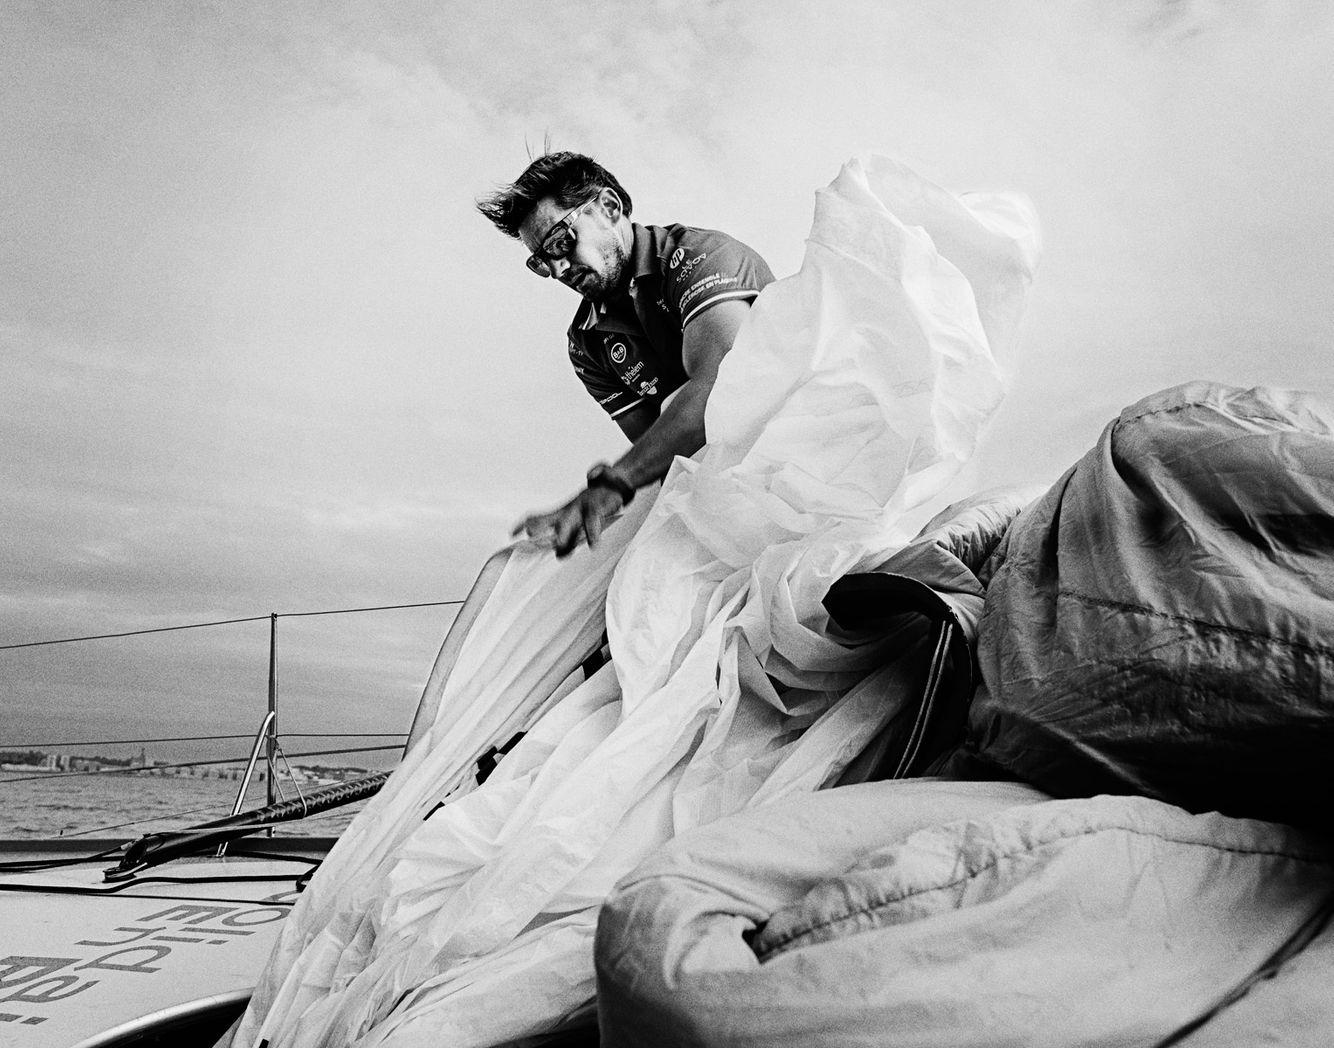 1r20160522_transat_sailing_2836.jpg